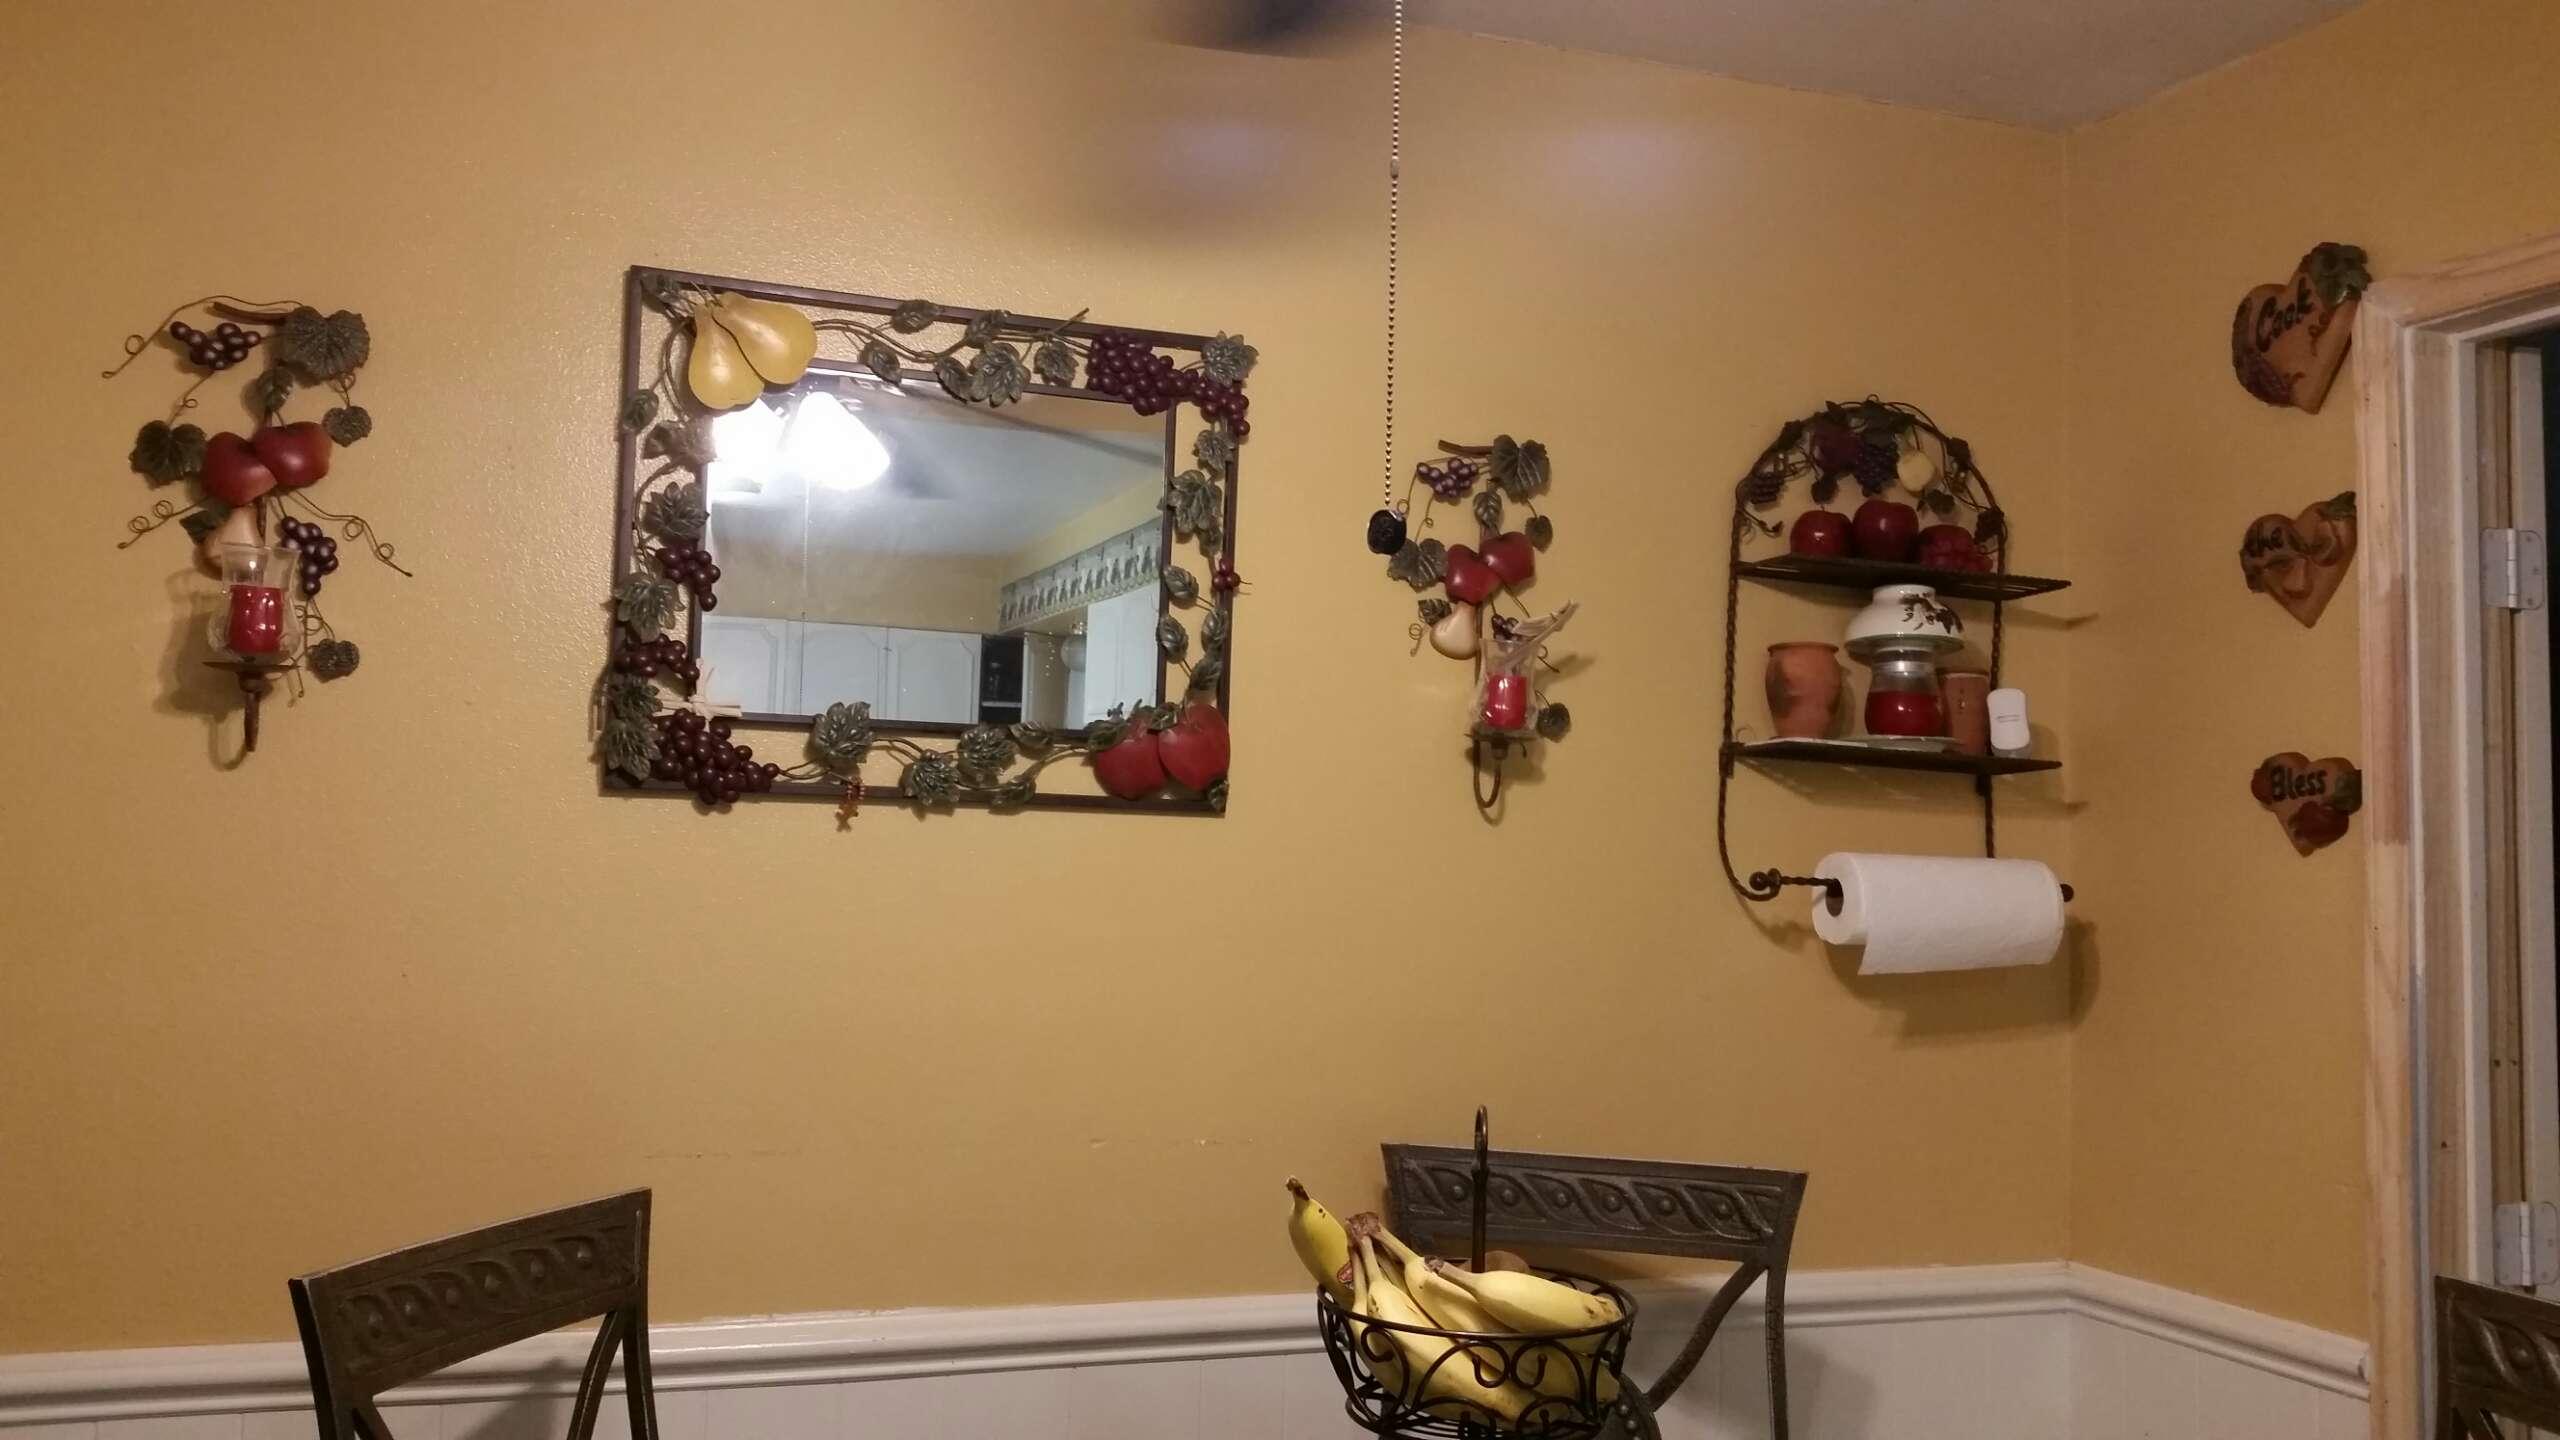 Vendo Espejo Con Diseño De Frutas Home Interiors